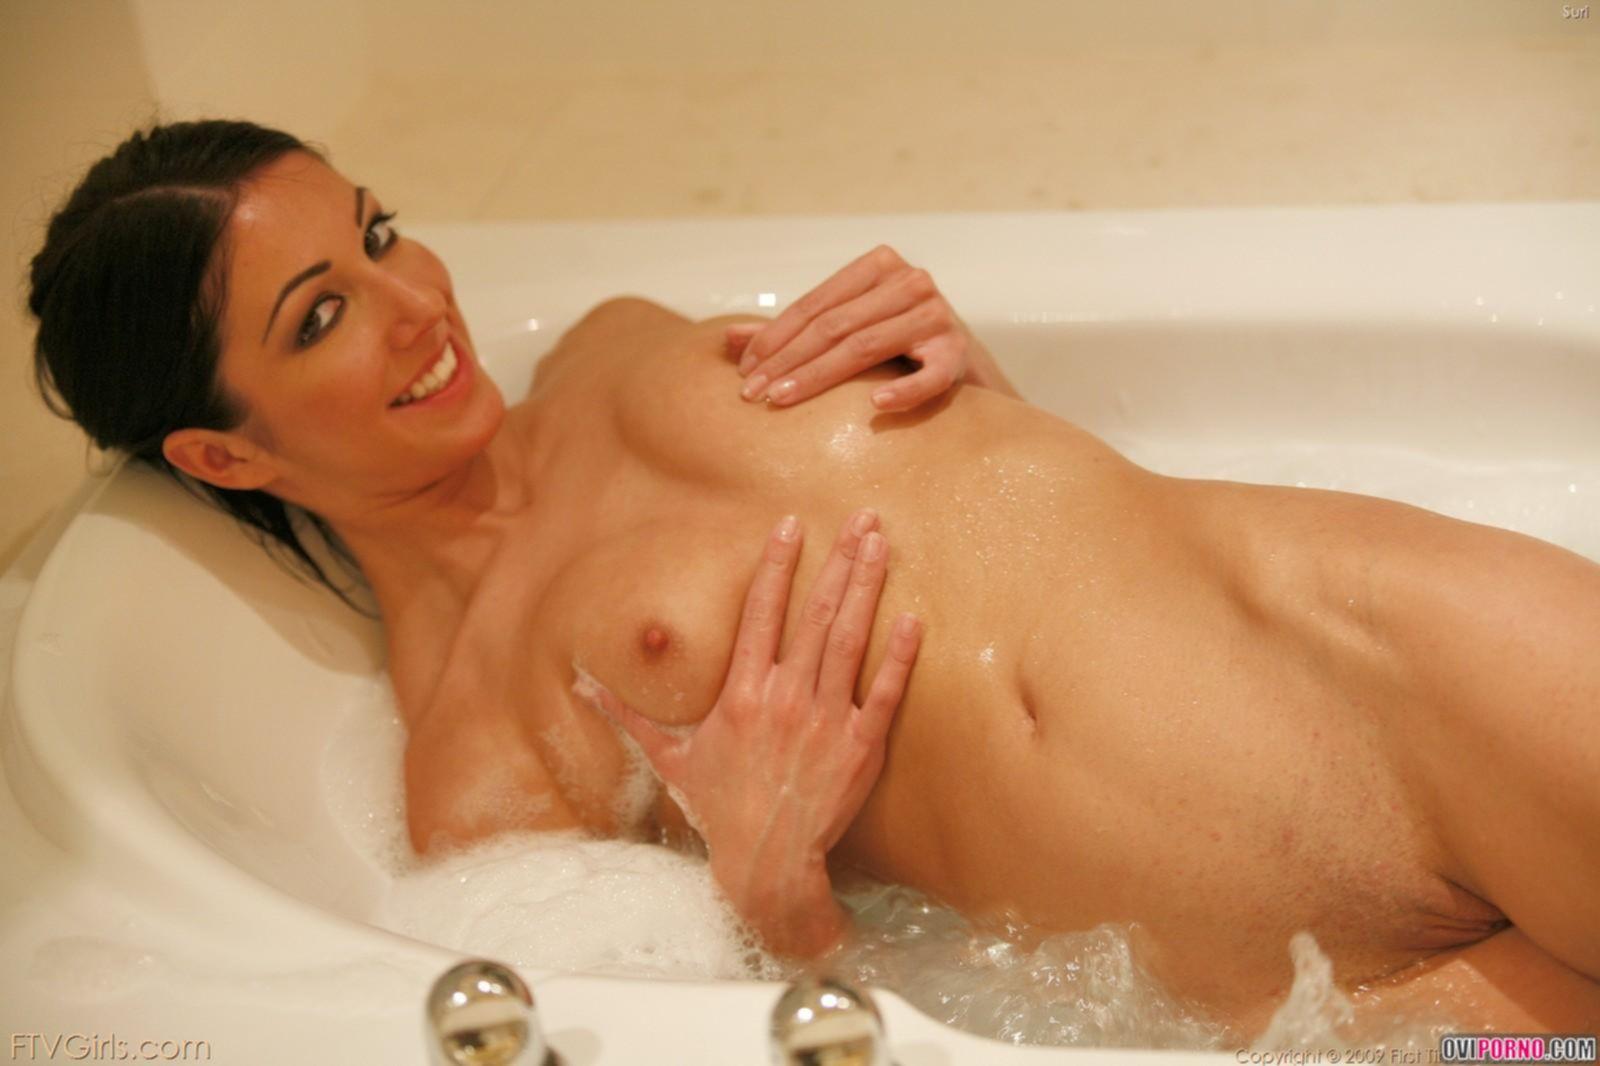 Брюнетка мастурбирует в ванной игрушкой